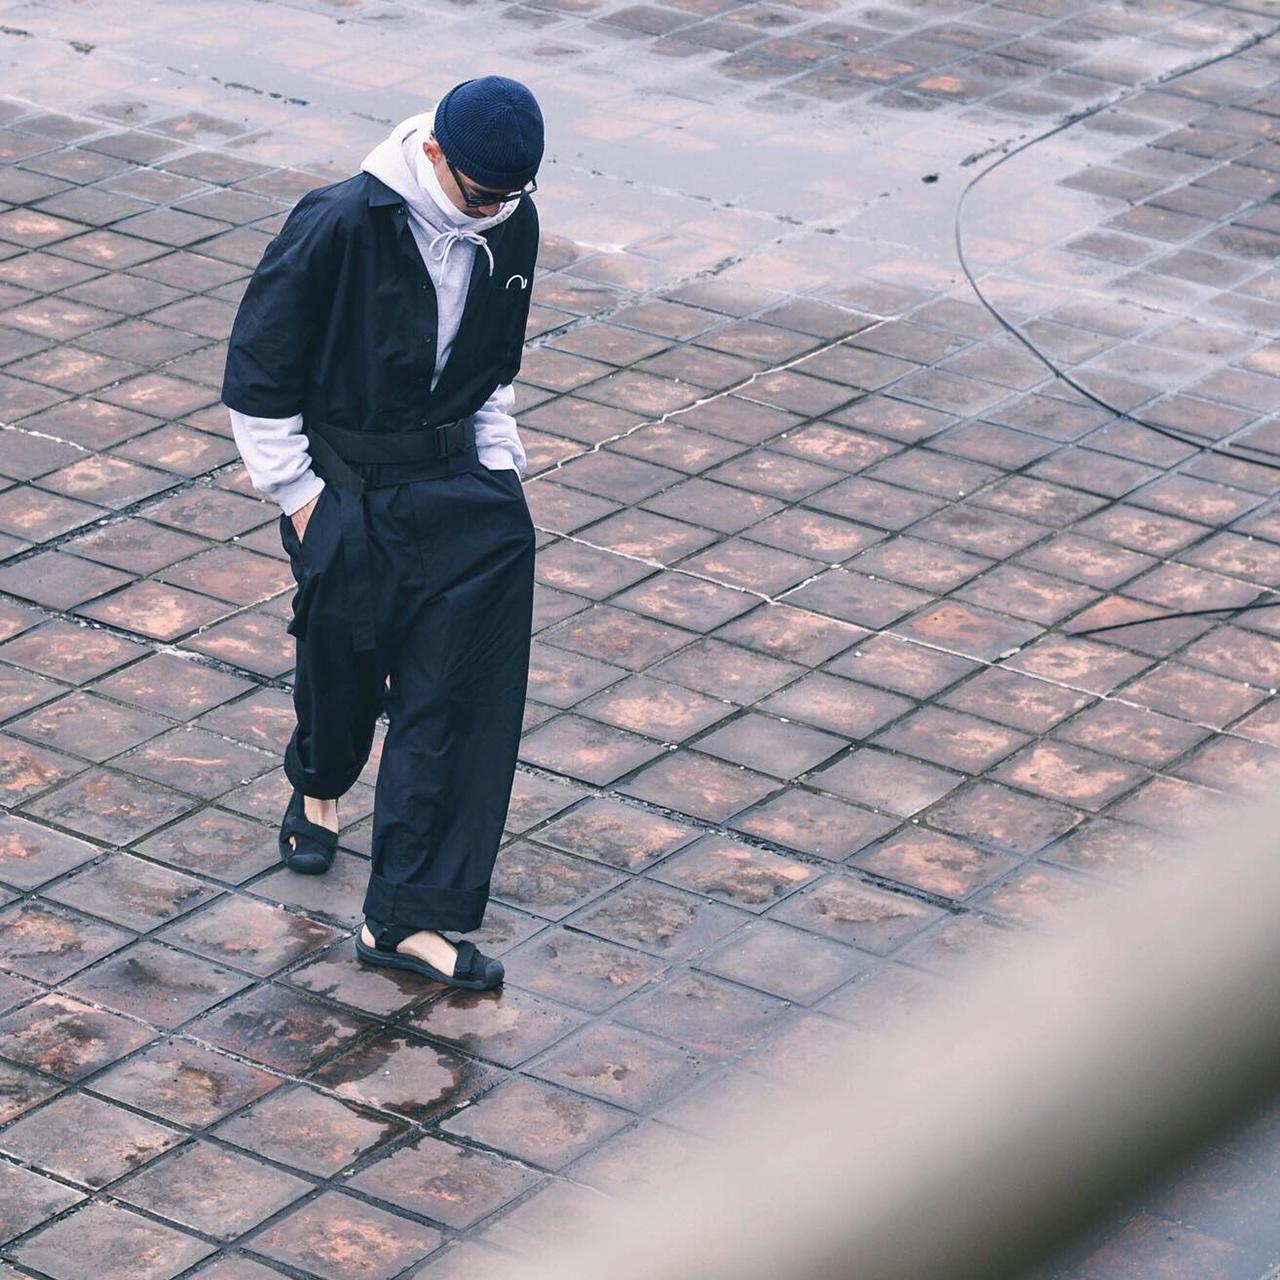 吊帶褲,吊帶褲穿搭,吊帶褲穿搭男,吊帶褲男,吊帶褲穿搭男,吊帶褲穿法,吊帶,牛仔吊帶褲,吊帶短褲,連身服,連身服 穿搭